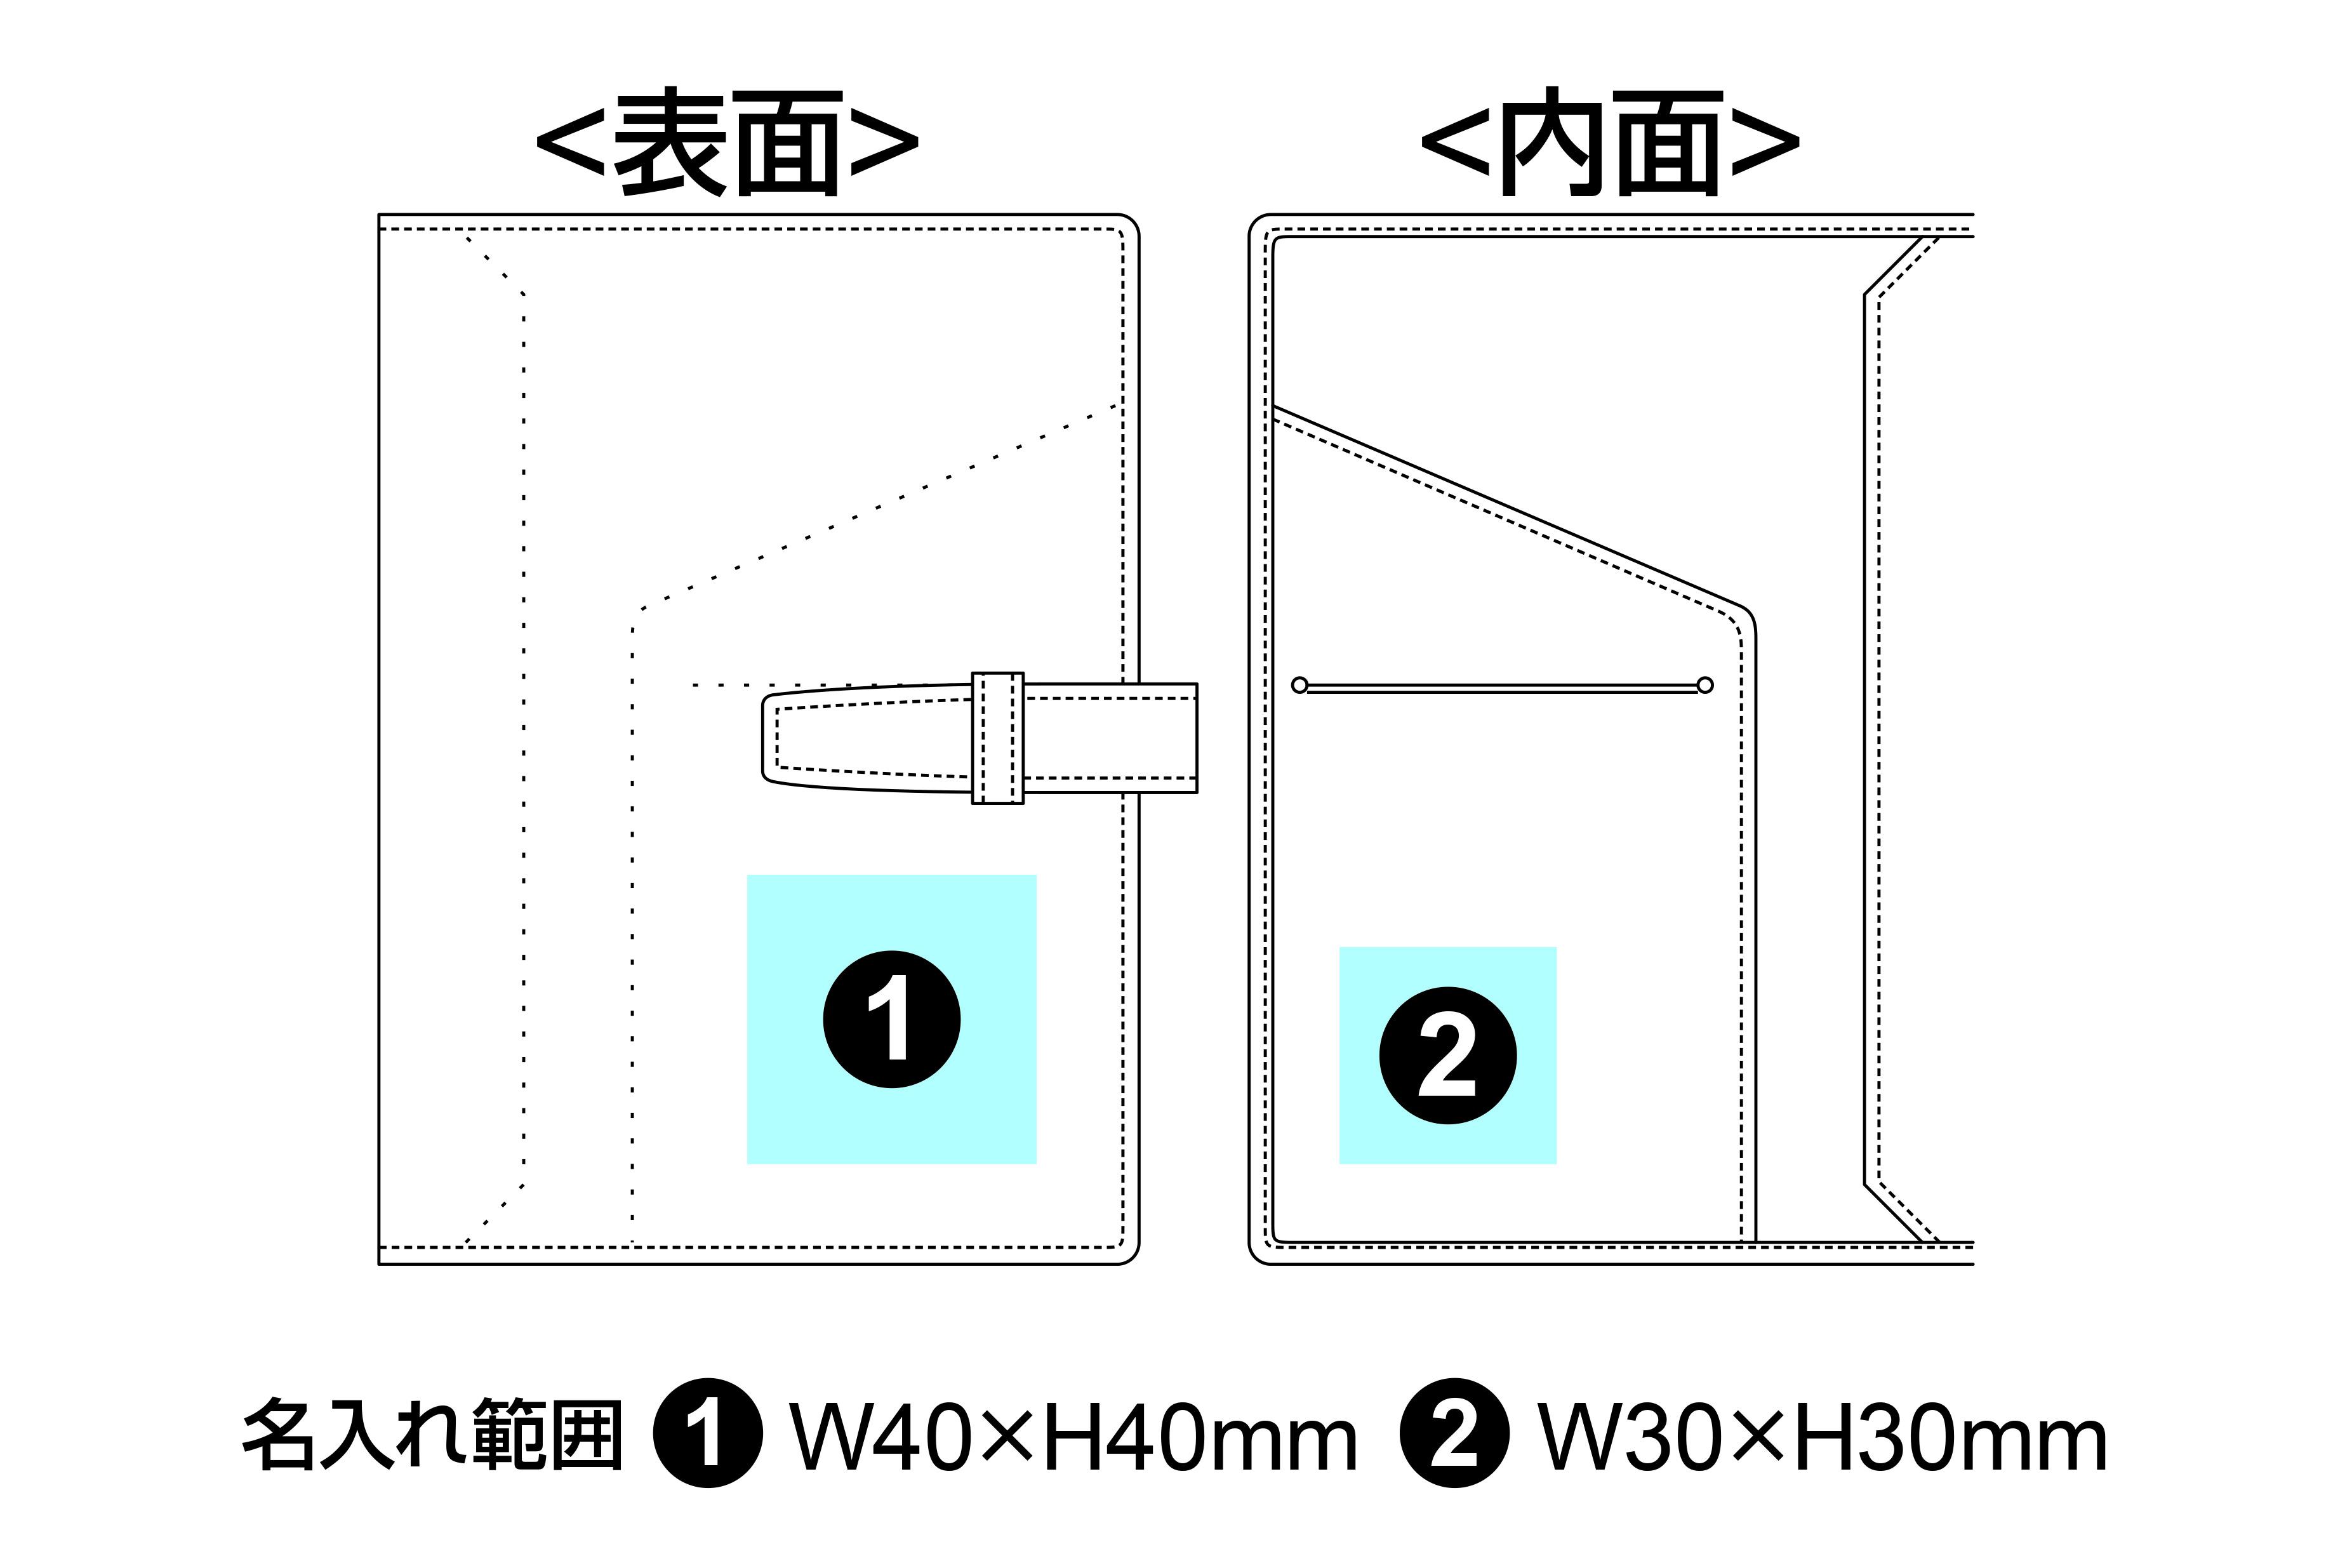 ダ・ヴィンチ システム手帳 ポケット 14mmリング